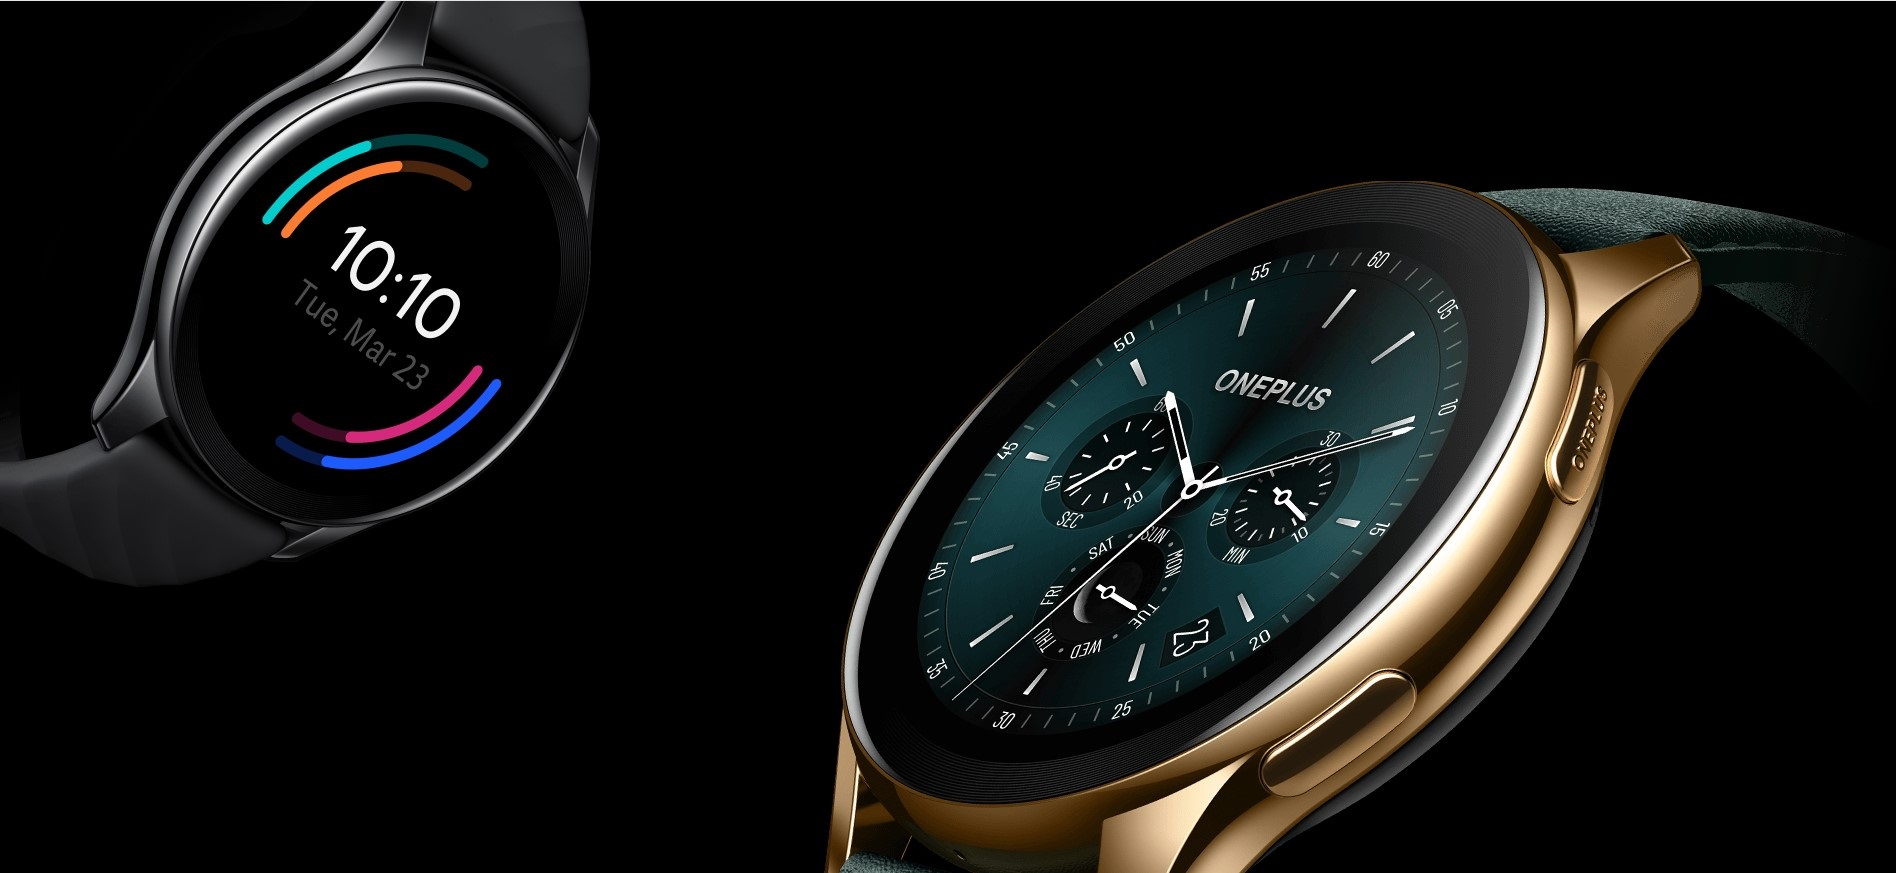 Dos Modelos en el Smartwatch de OnePlus, el Clásico es el más económico y la Edición Limitada en Cobalto la más exclusiva.